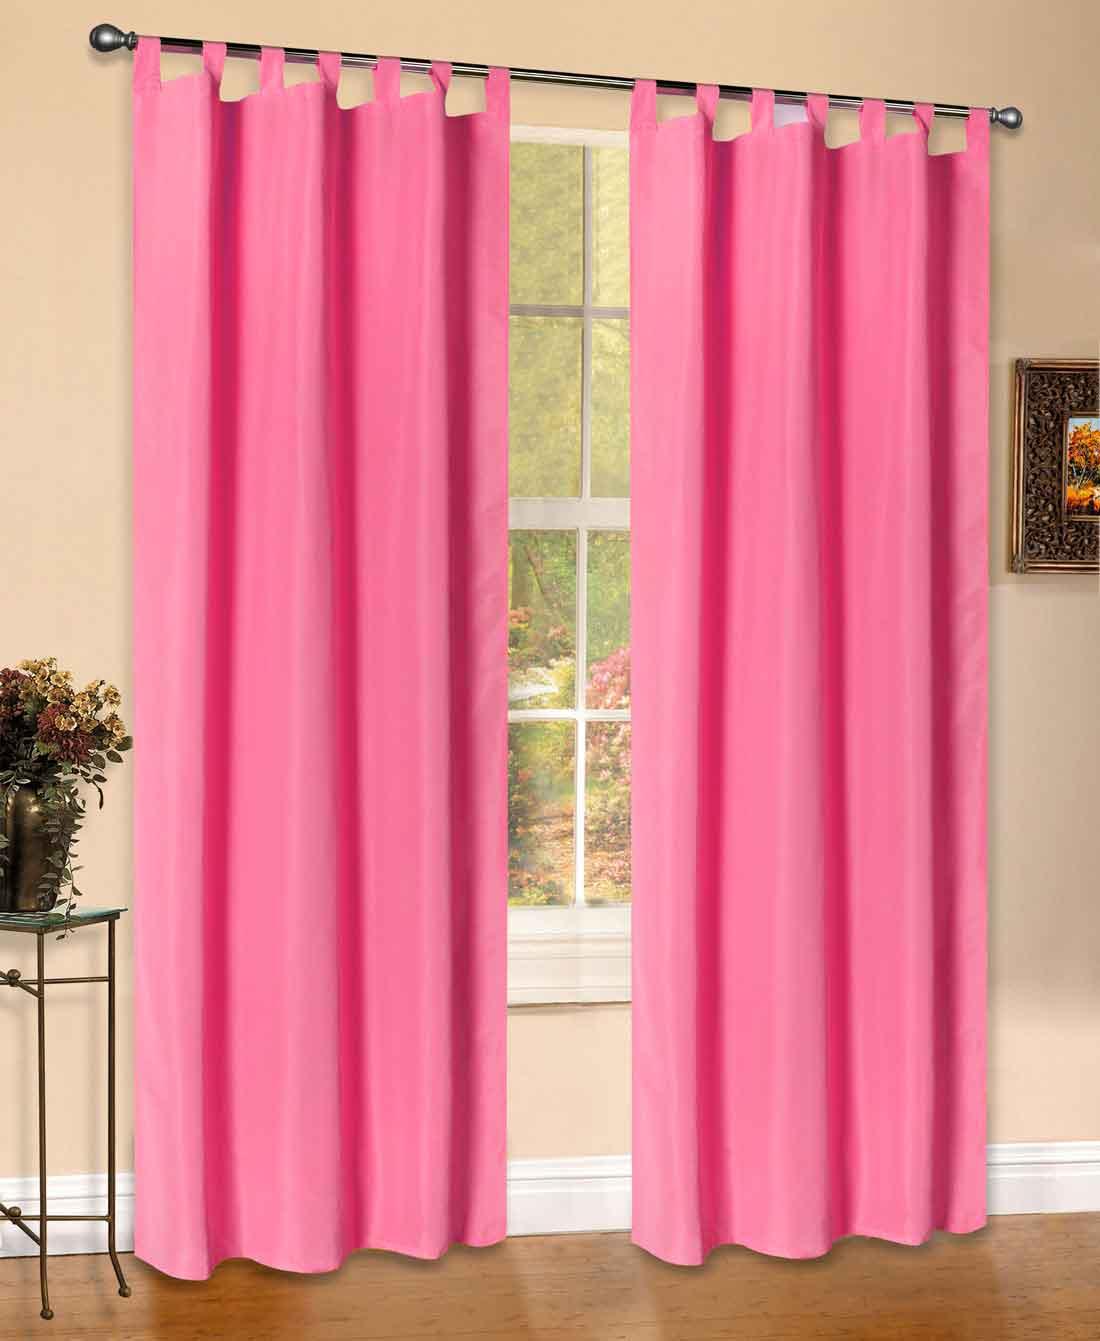 vorhang pink simple vorhang ddlbiz fenster paravent schal vorhang pink bdrwoy ykkigc with. Black Bedroom Furniture Sets. Home Design Ideas